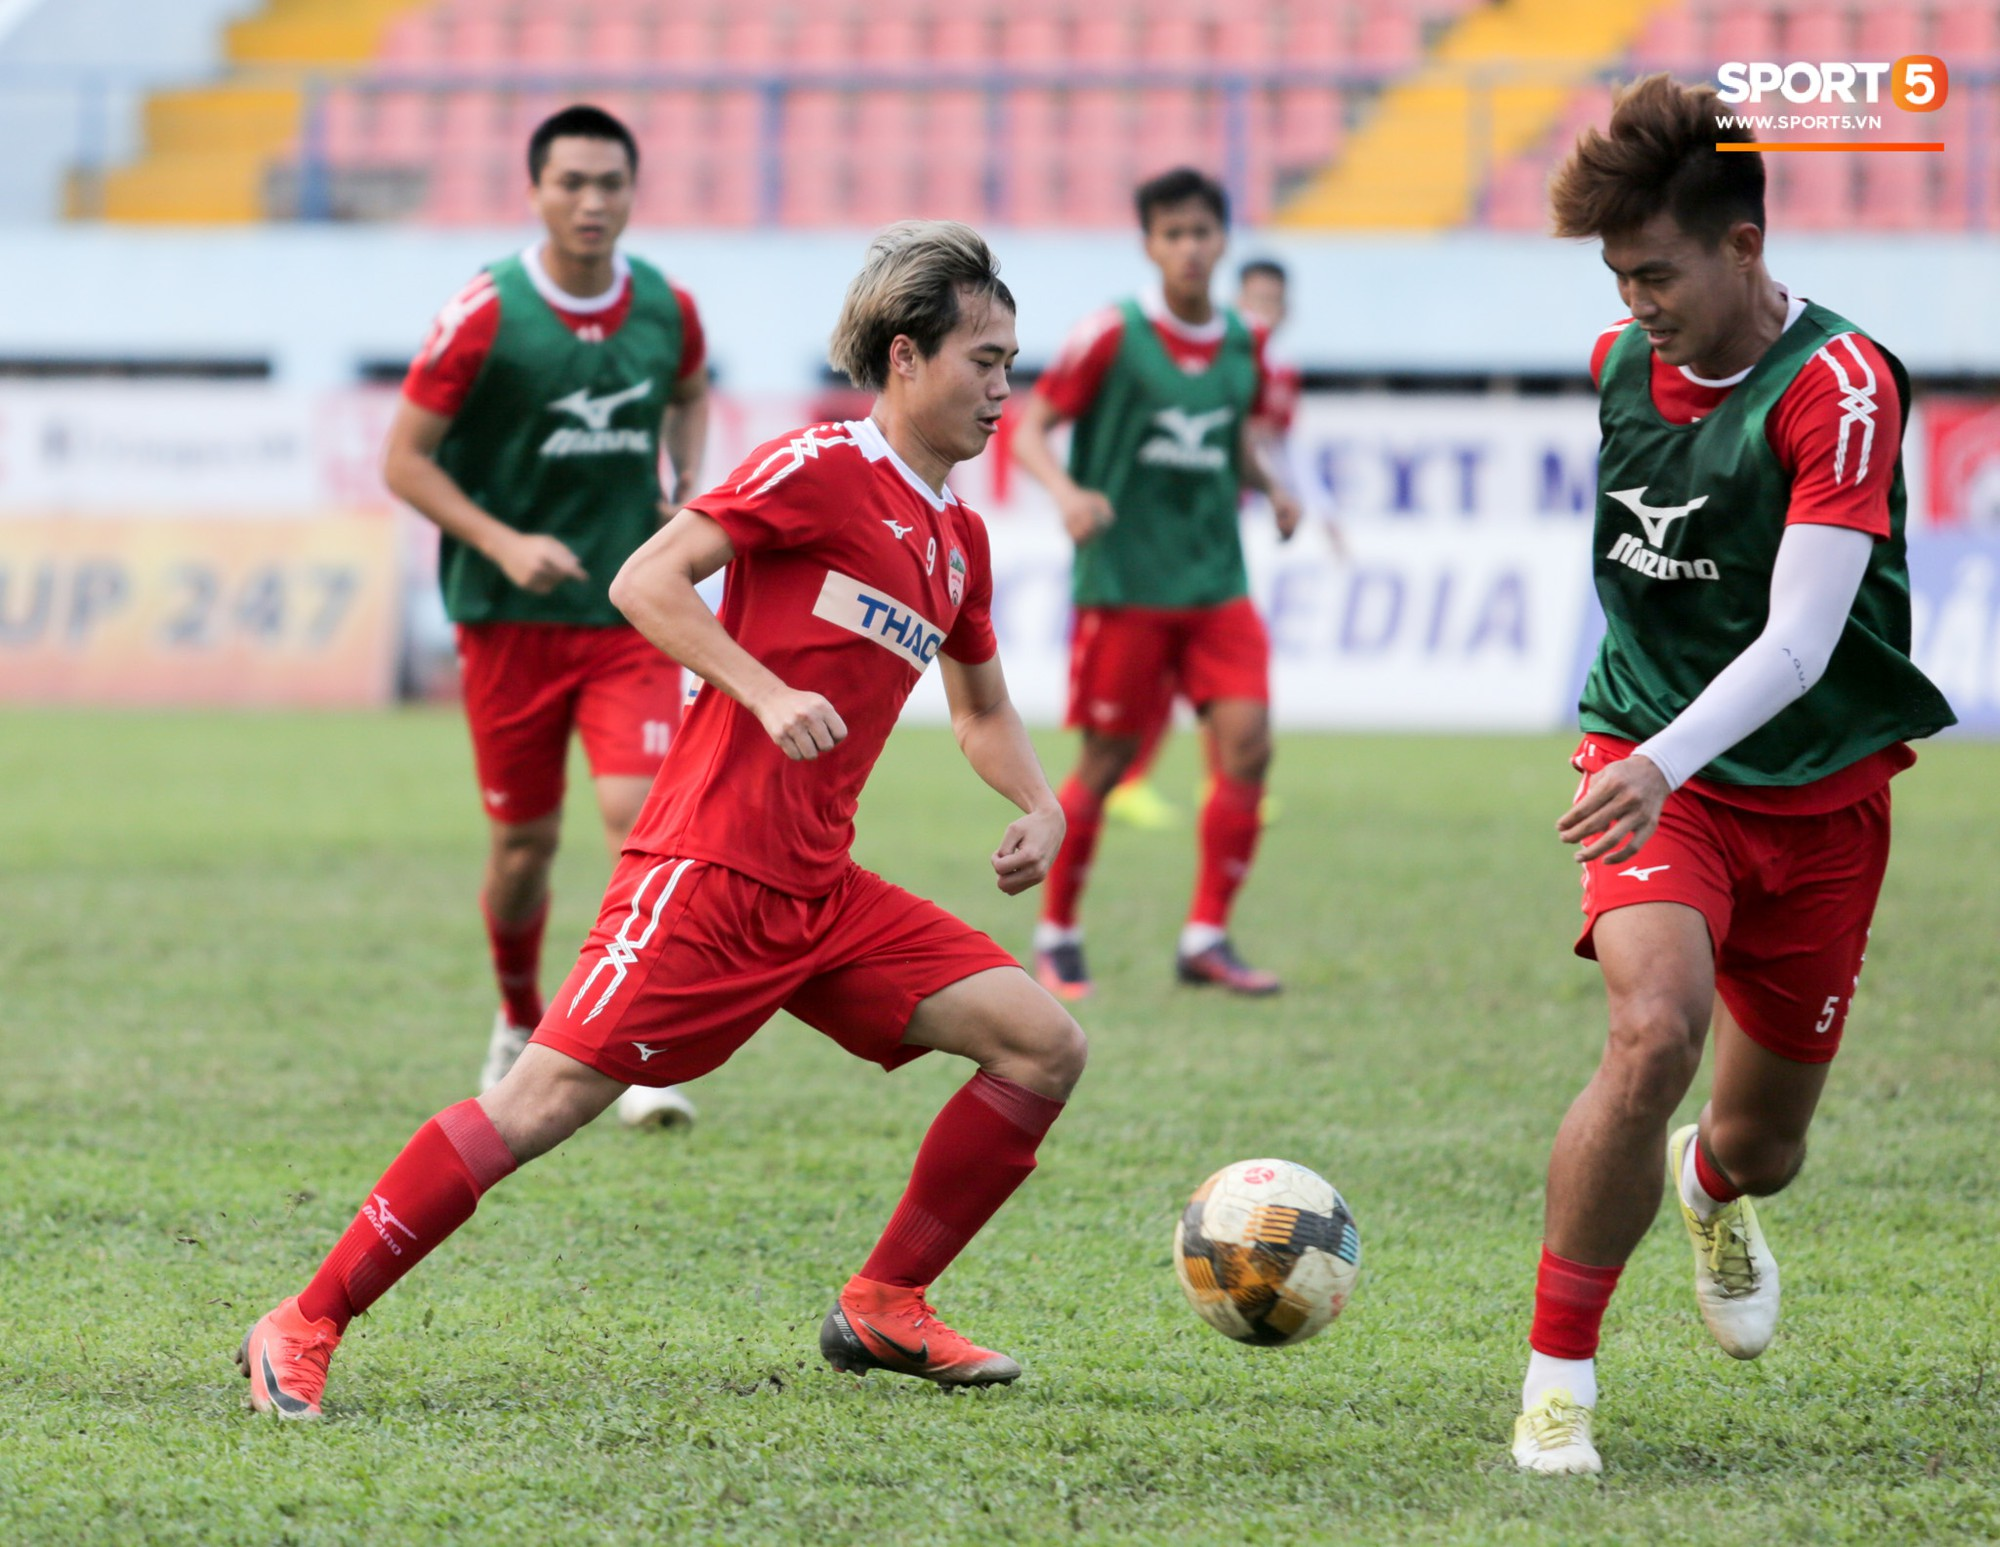 Thống kê bất ngờ, Văn Toàn trở thành cầu thủ có tầm ảnh hưởng nhất ở V.League hiện tại-2